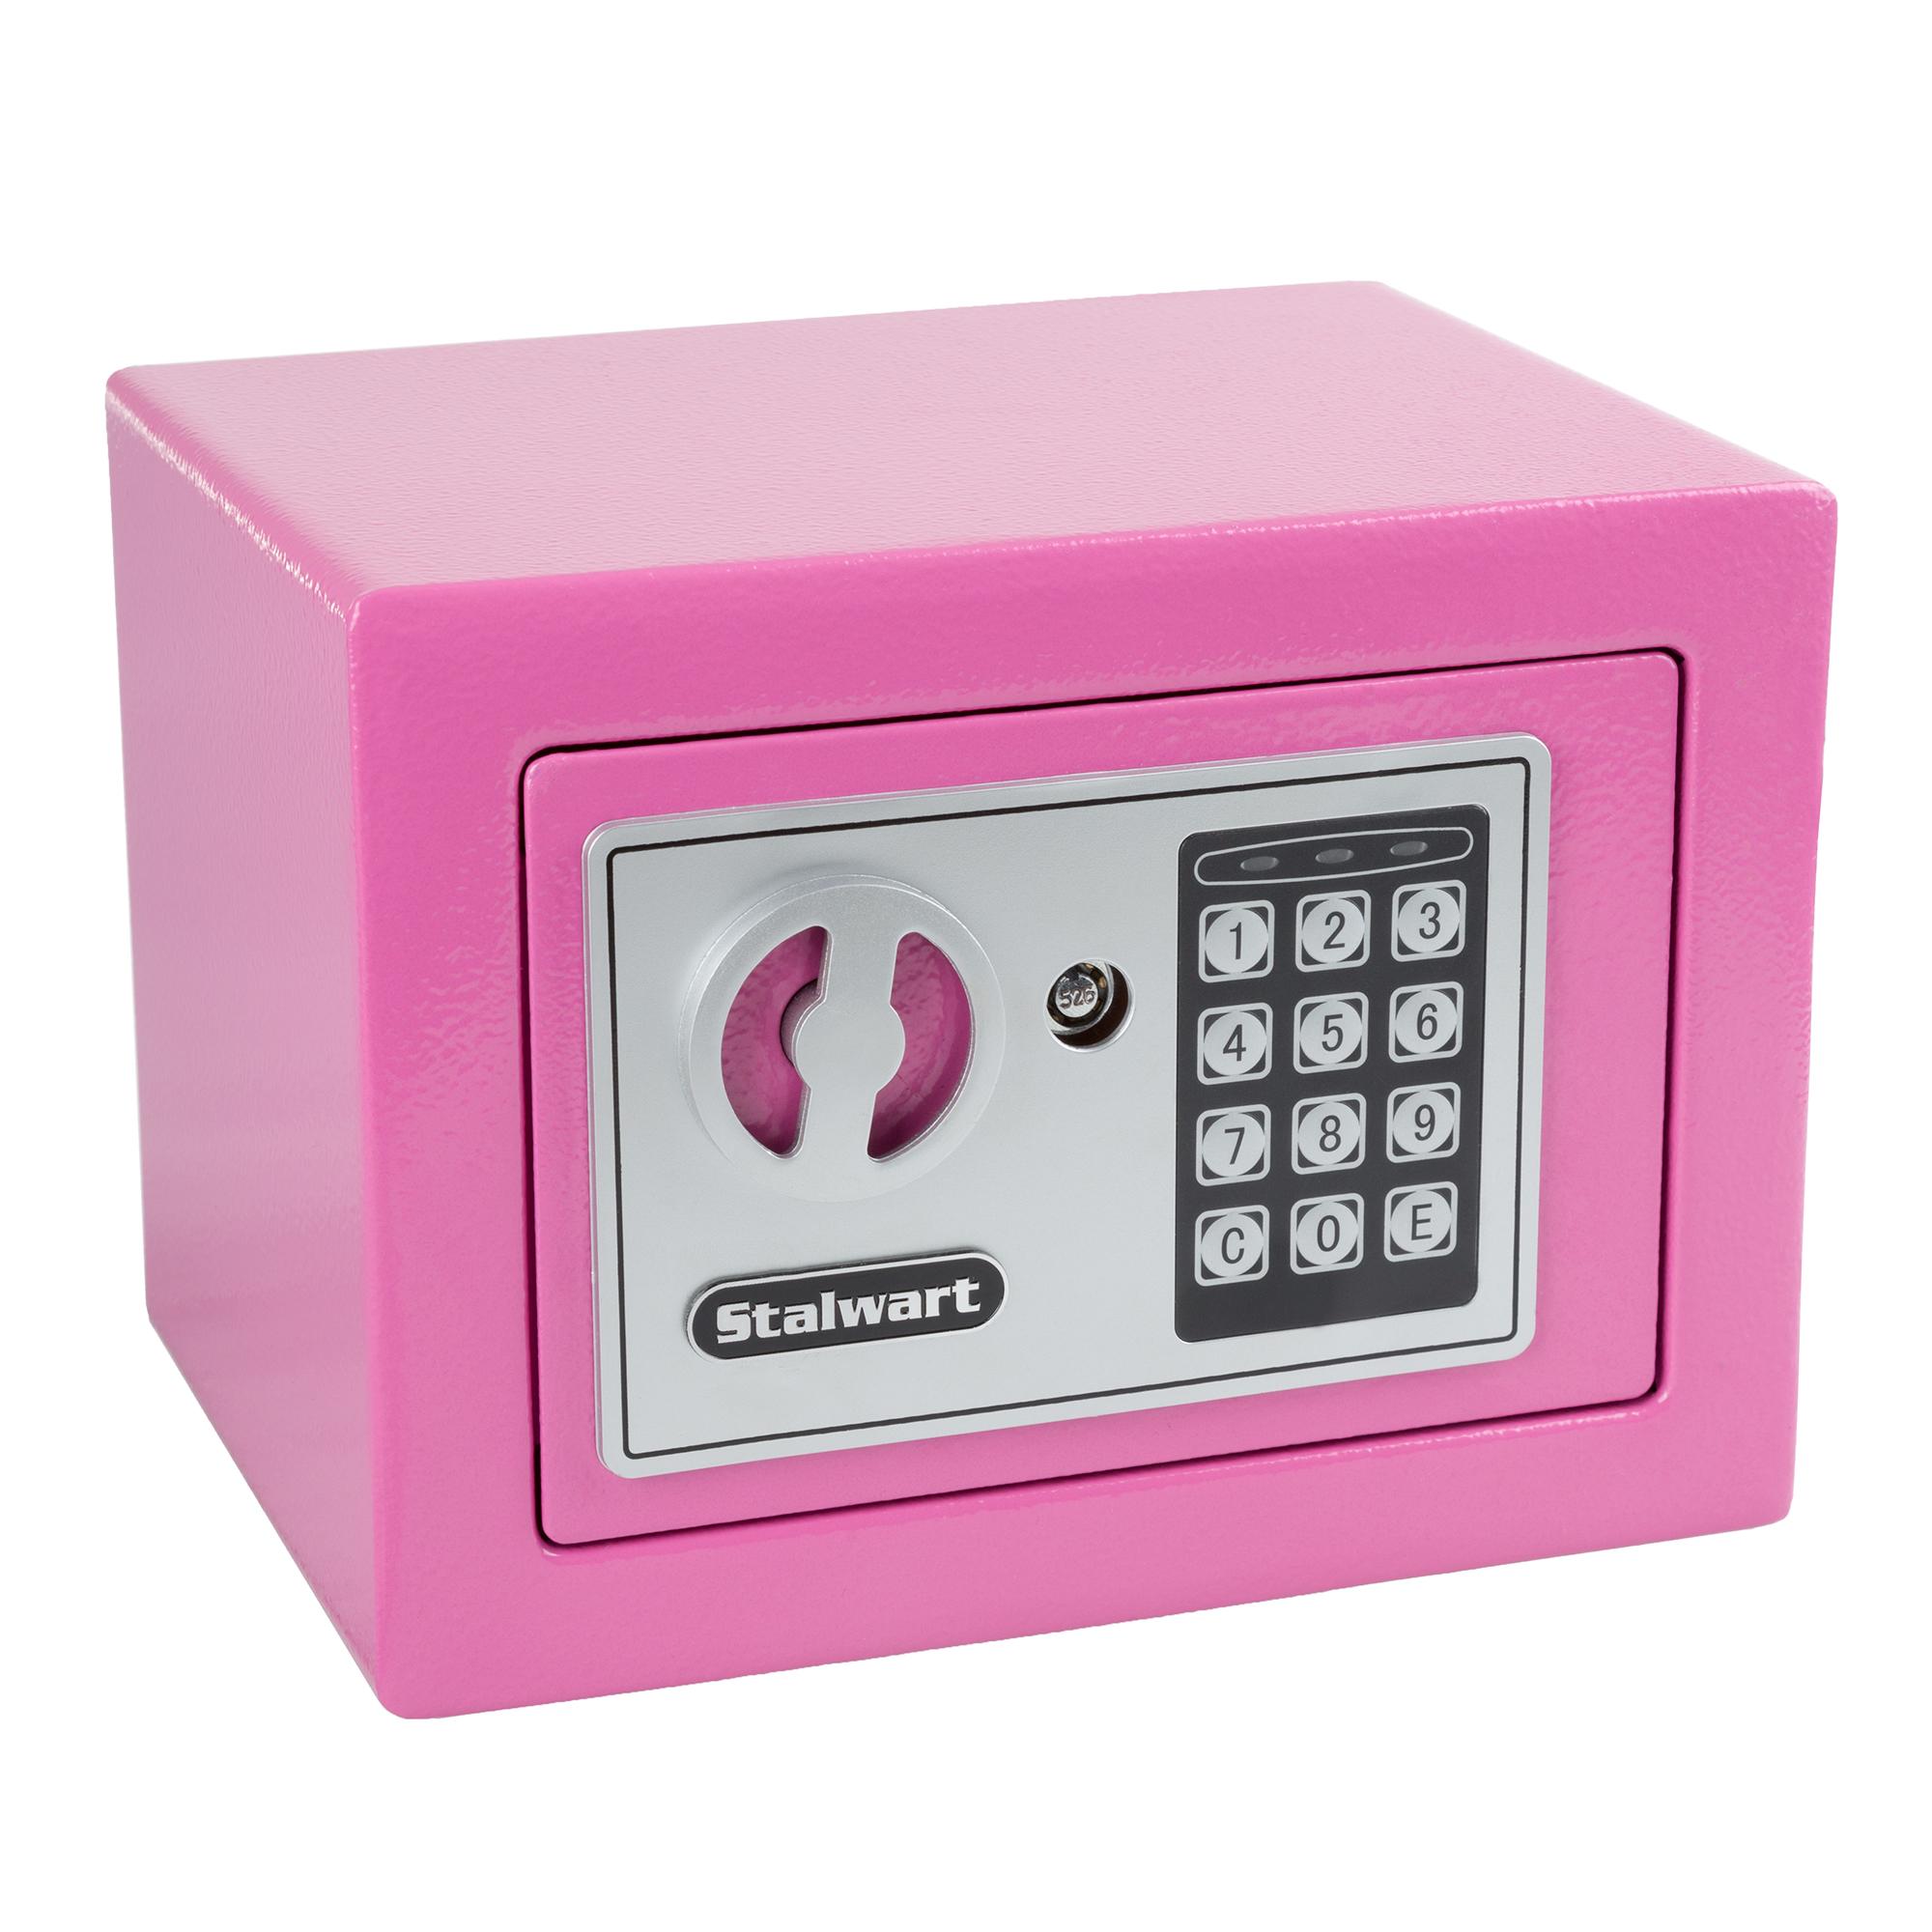 Stalwart digital steel security safe for valuables shop for 1 51 cu ft solid steel digital floor safe